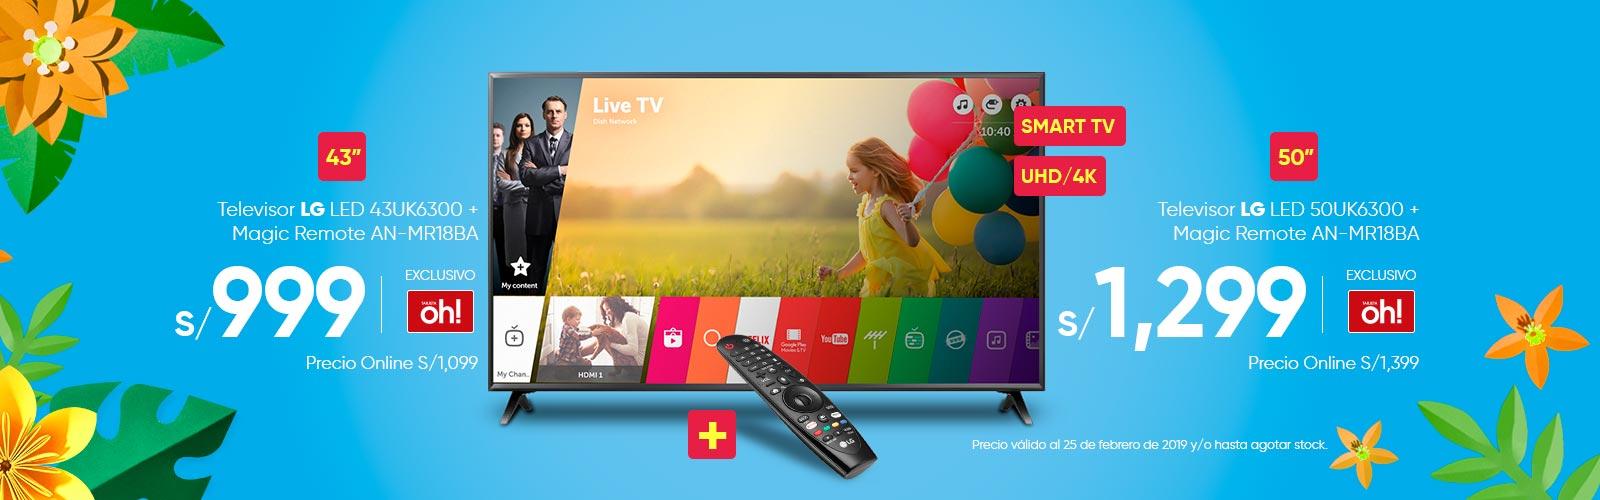 Televisor LG 43UK6300 50UK6300